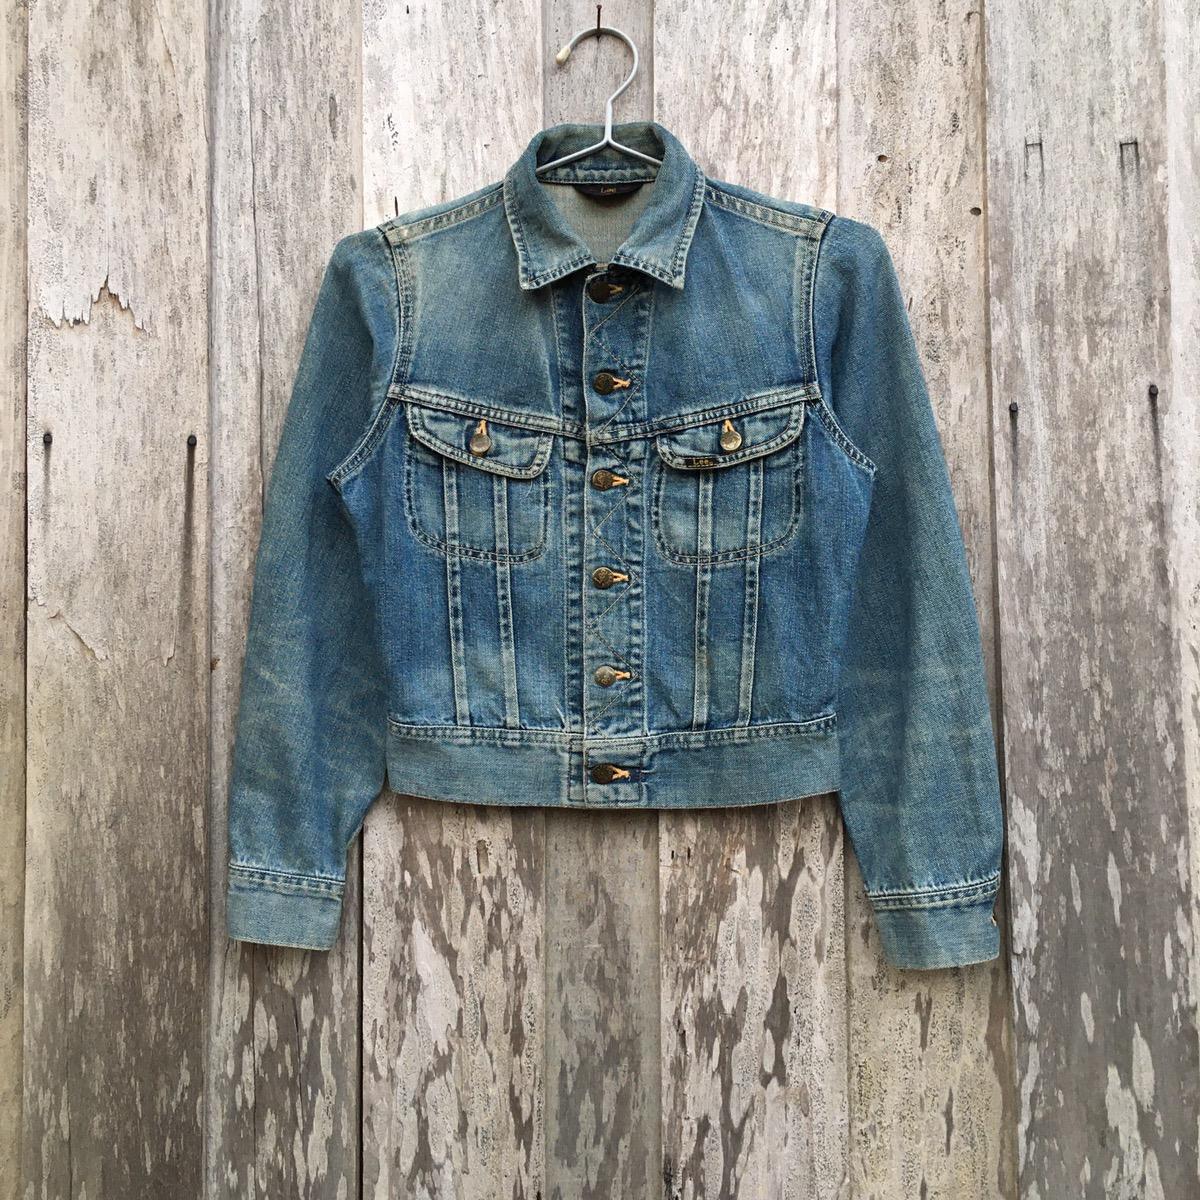 vintage denim jacket  vintage Lee jacket  thrashed denim  1980s distressed Lee Riders oversize denim jacket XL